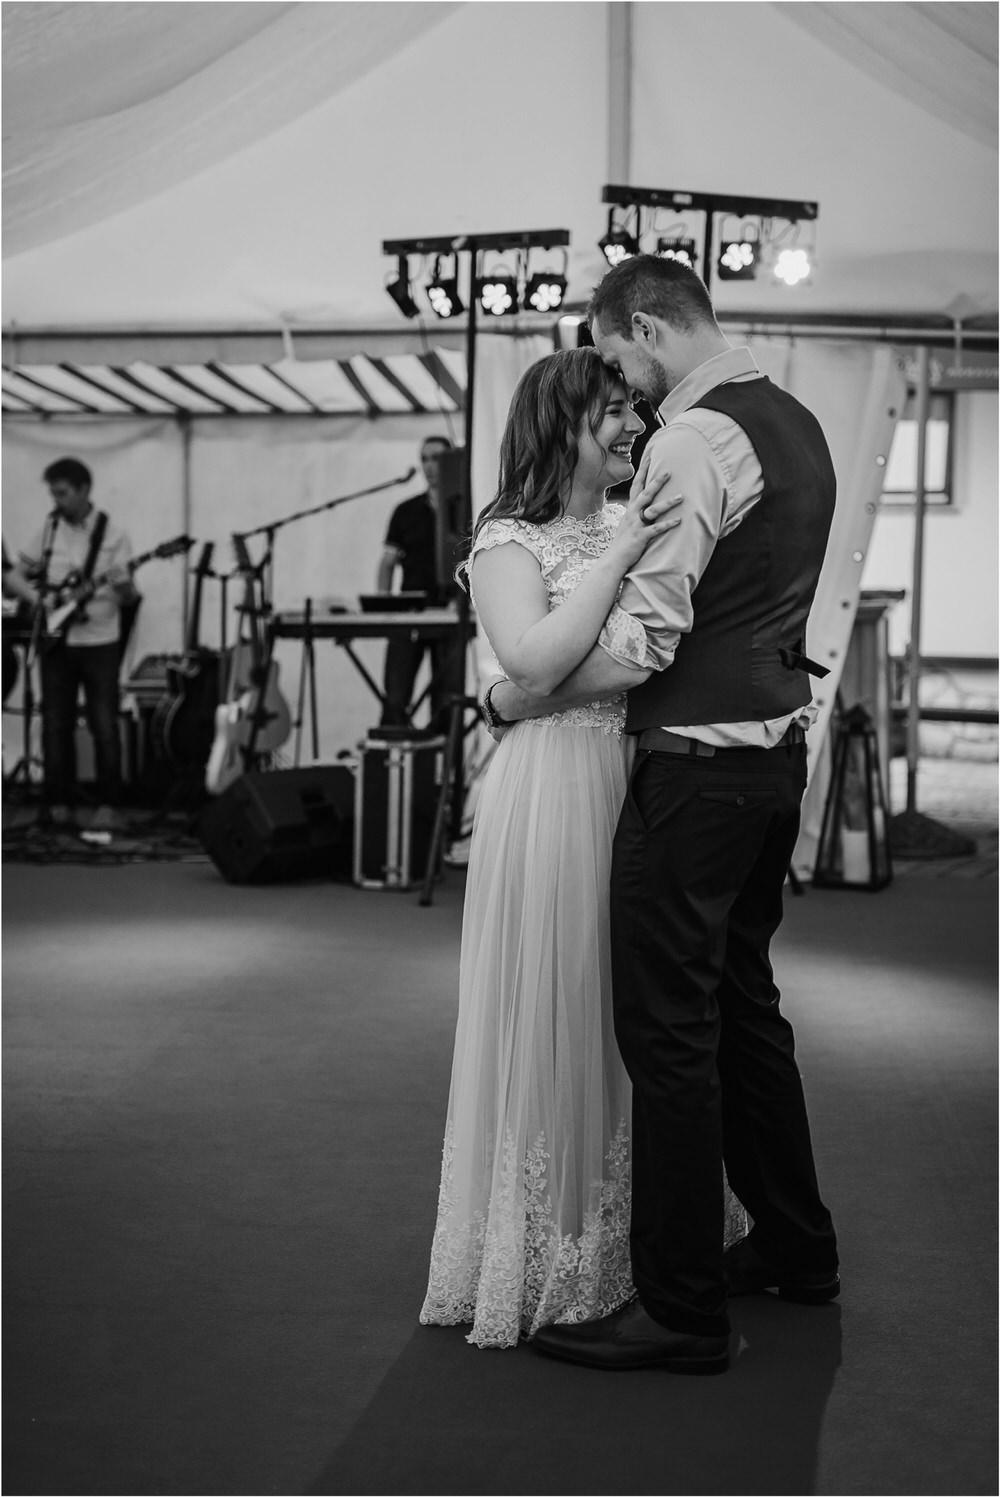 goriska brda poroka fotgorafija fotograf fotografiranje porocno kras primorska obala romanticna boho poroka rustikalna nika grega 0082.jpg